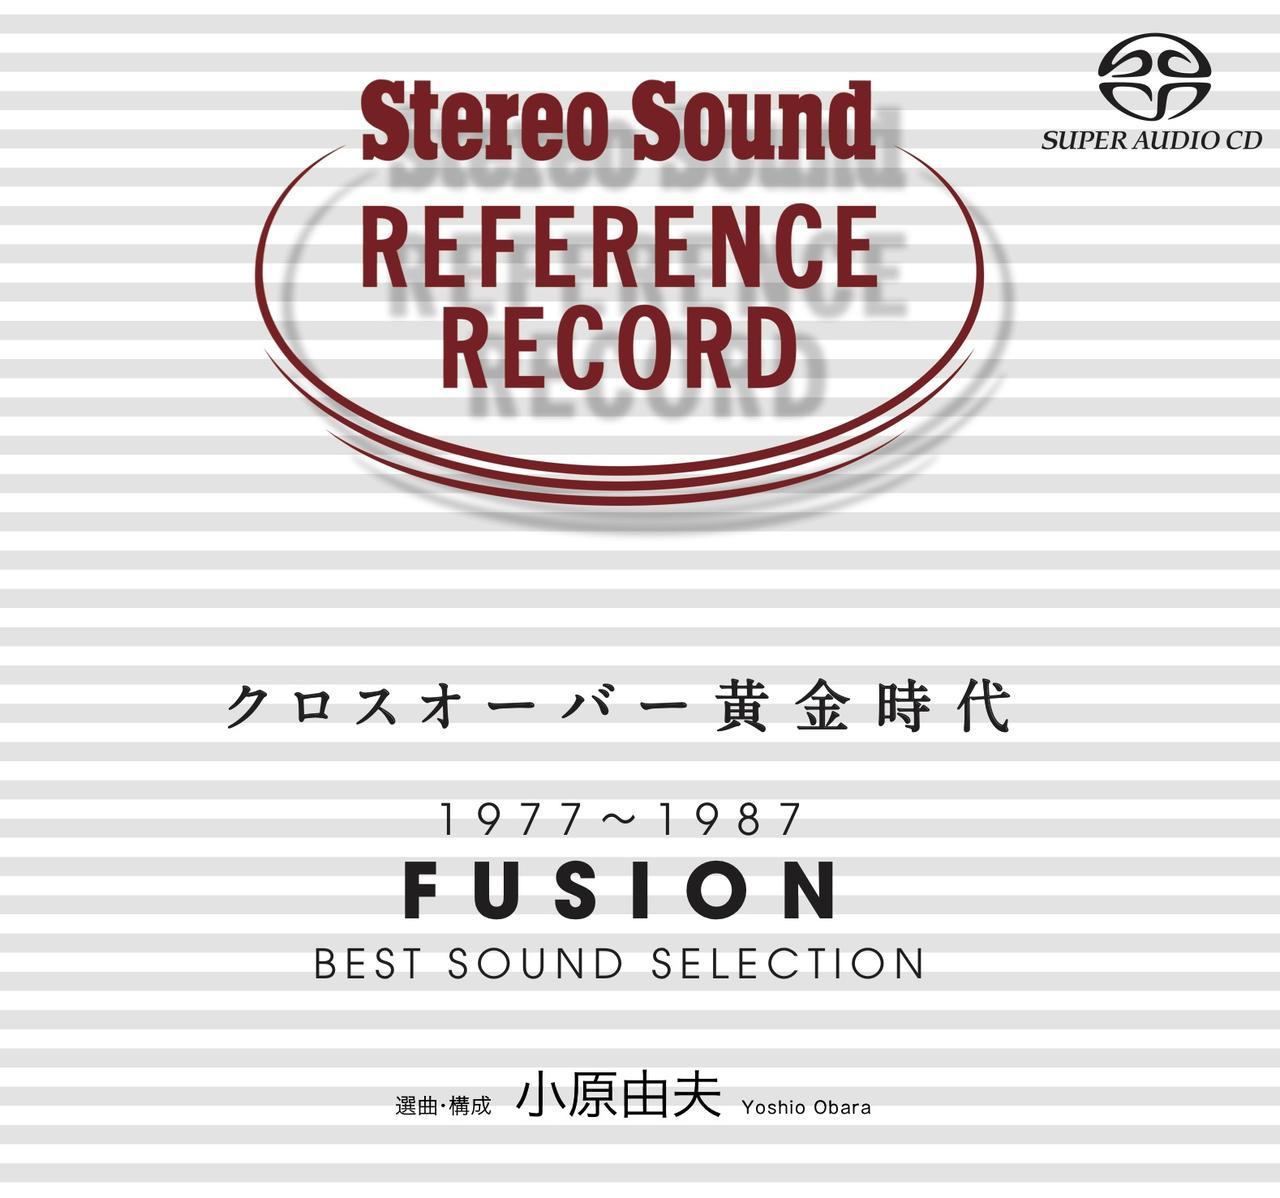 Images : 7番目の画像 - 一般の音楽ソフト販売店では買えないステレオサウンド制作のソフトが勢ぞろい - Stereo Sound ONLINE